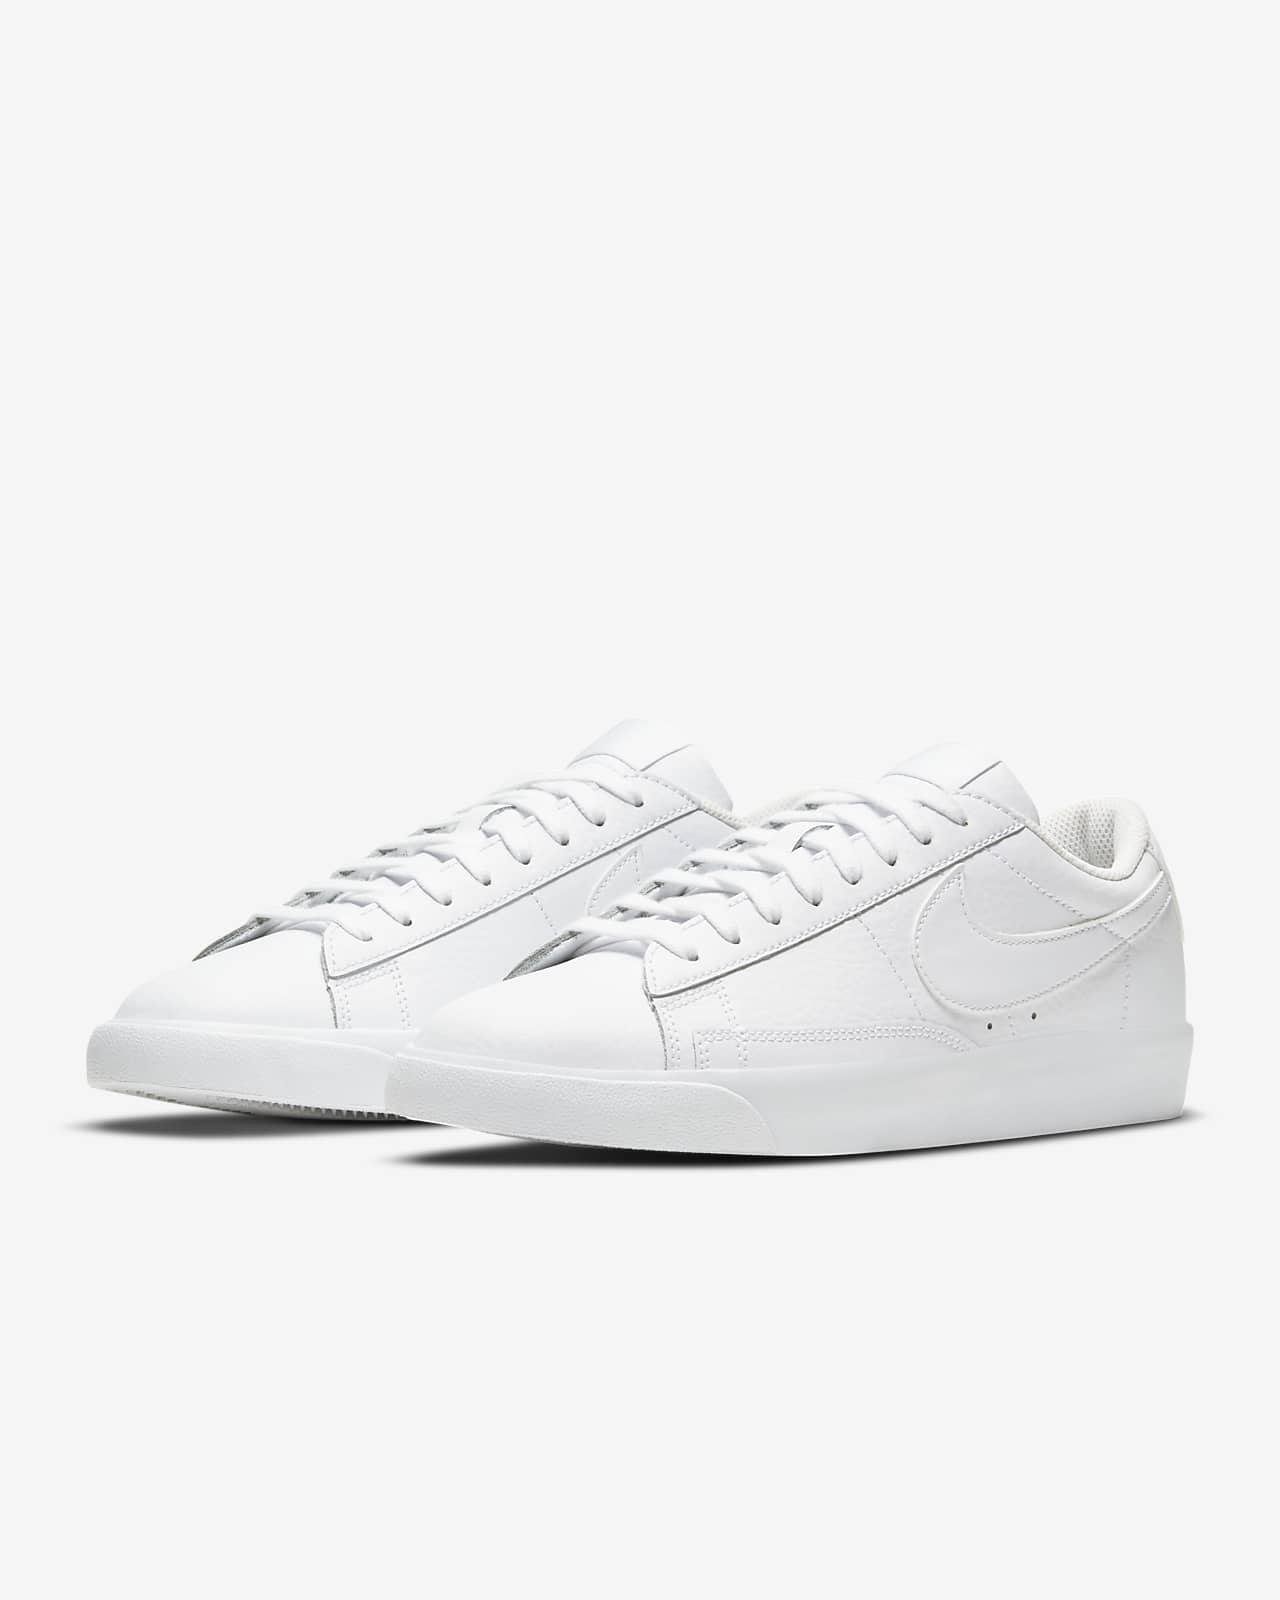 nike blazer sneakers in white